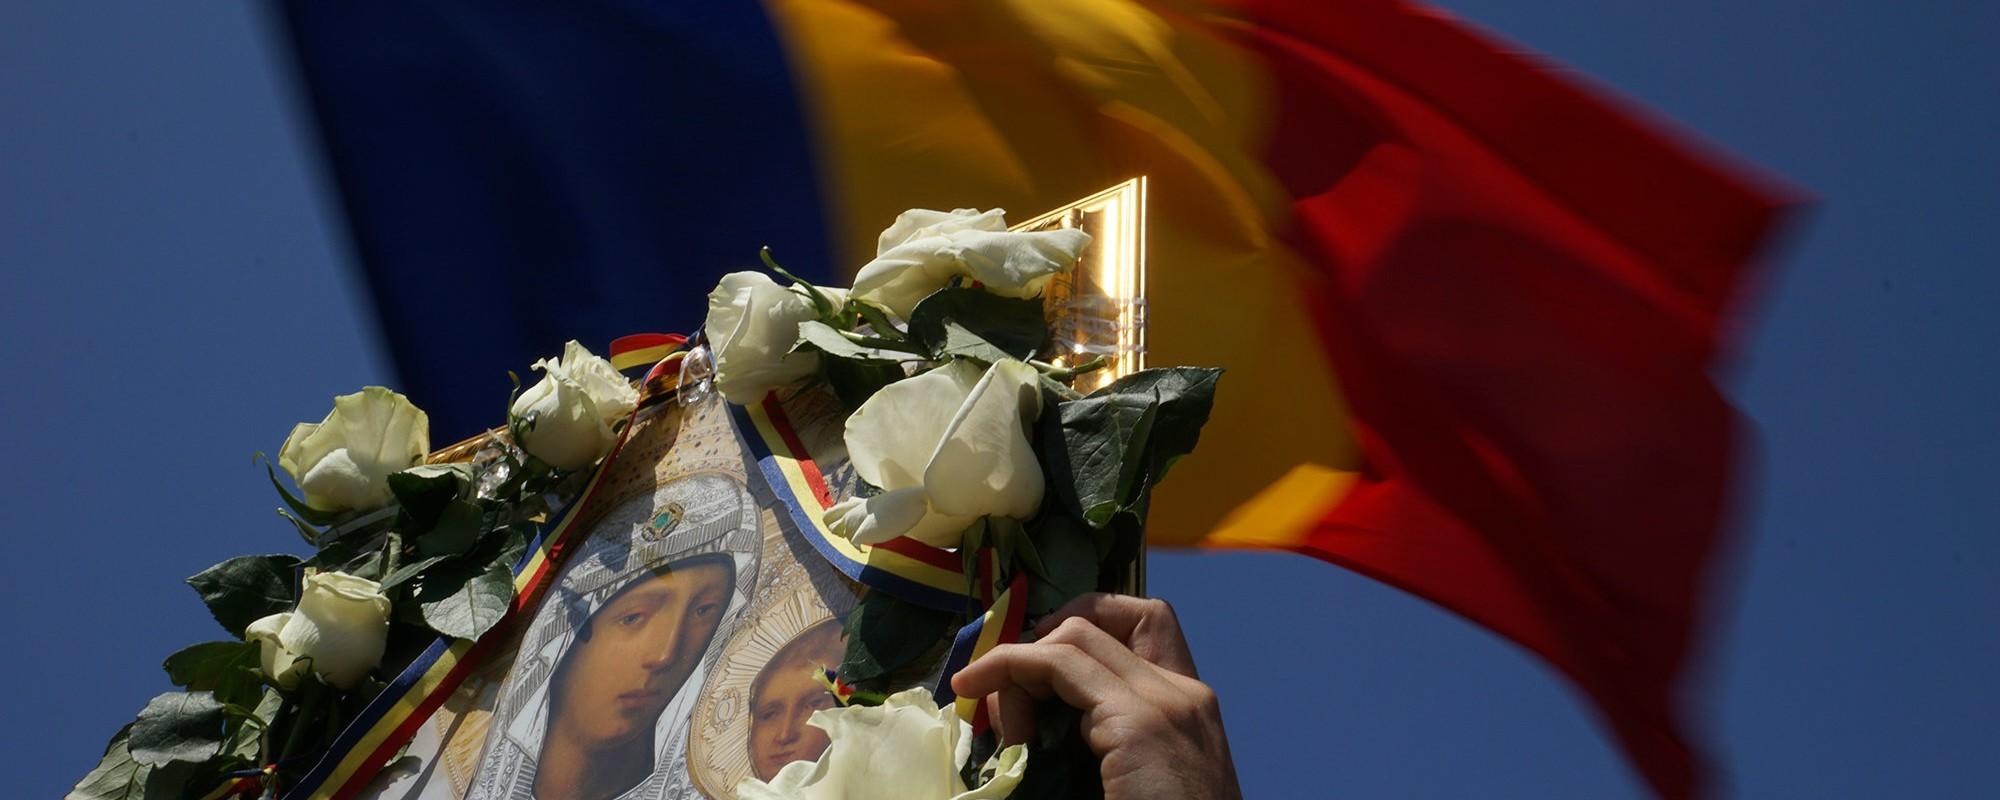 Moldovenii şi românii au mărşăluit pentru Unire cu icoane-n braţe